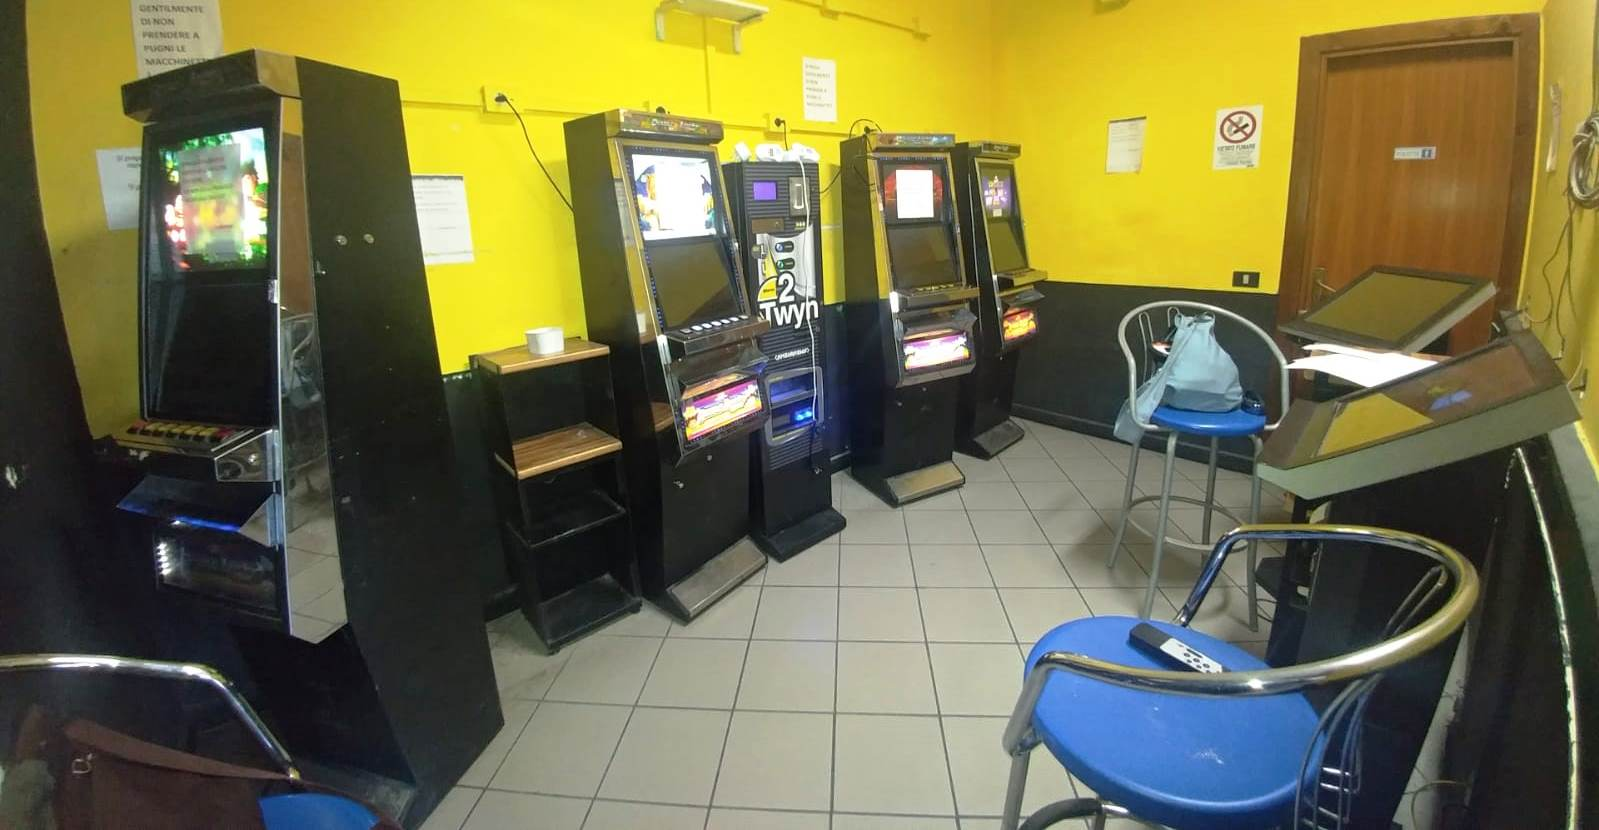 Gioco d'azzardo, denunciato il  titolare di un bar di Santa Venerina